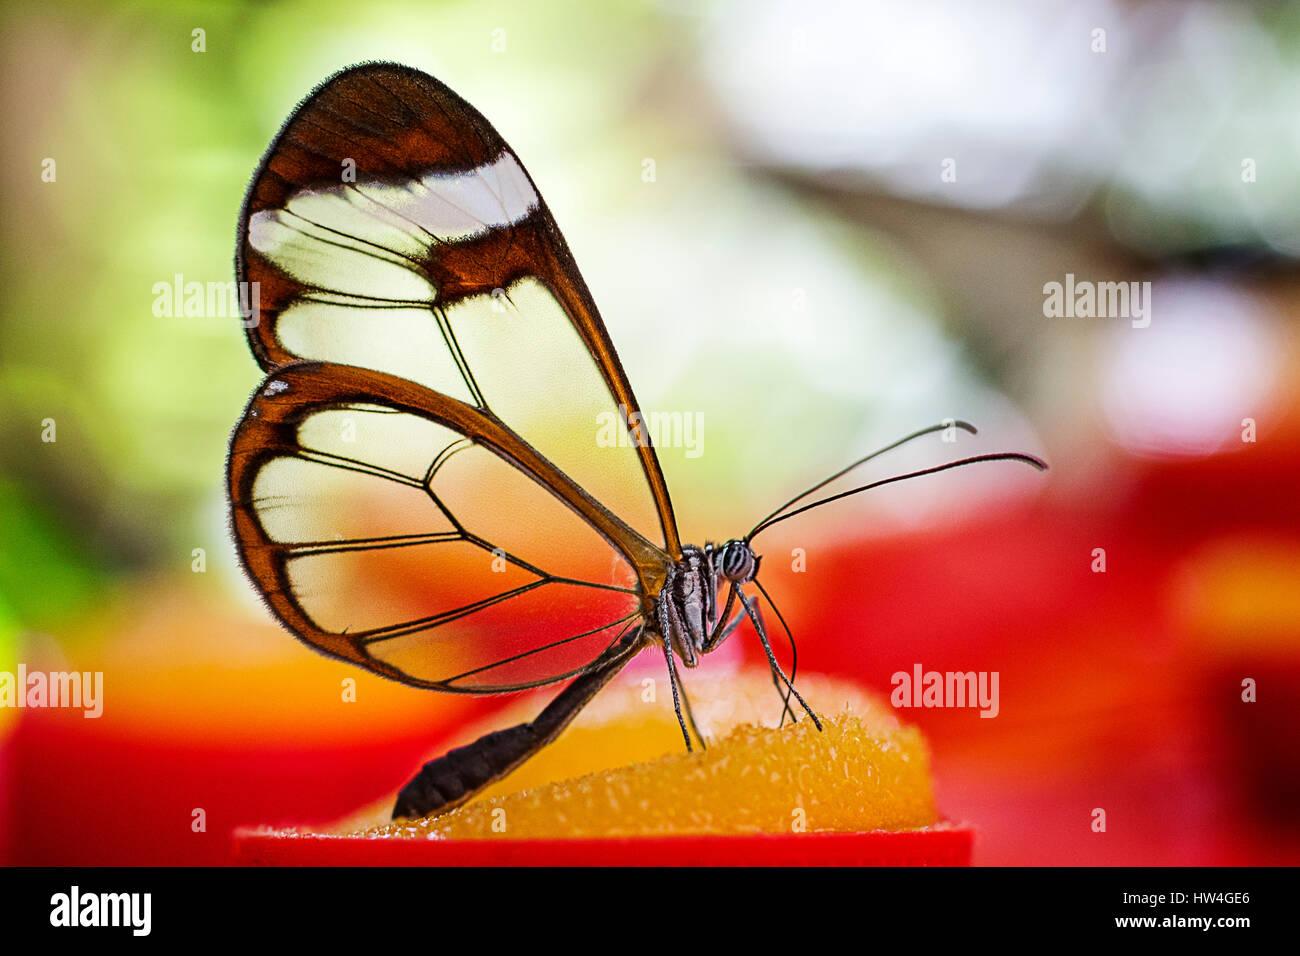 Greta oto butterfly. Farfalla di vetro o specchi butterfly, trasparenti ali. Benalmadena parco Butterfly, Costa Immagini Stock